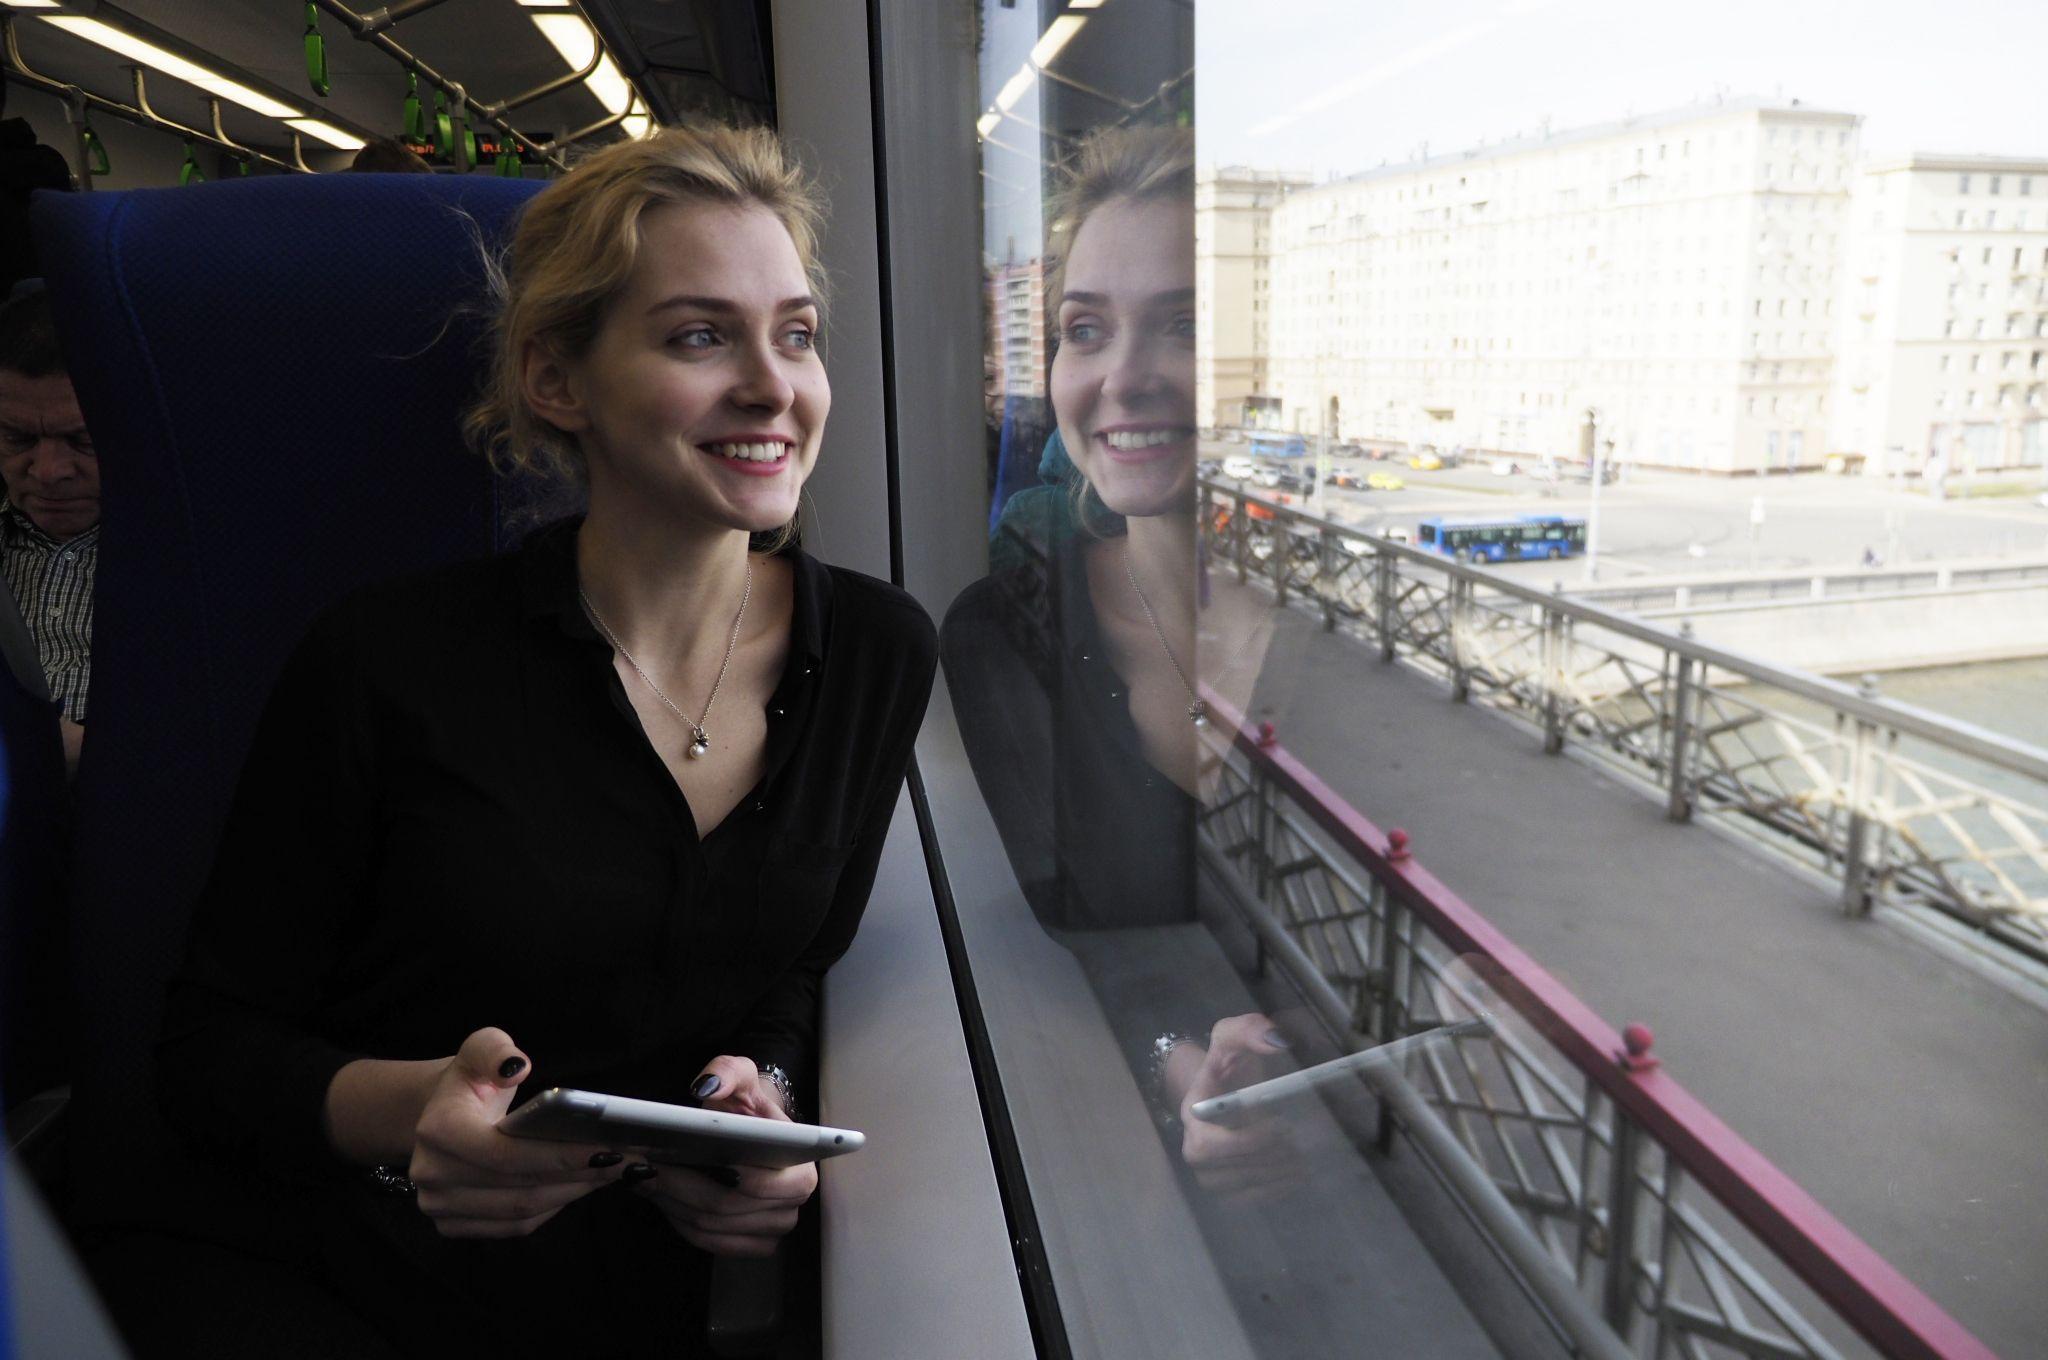 Экскурсия на поезде по МЦК продлится четыре часа. Фото: Антон Гердо